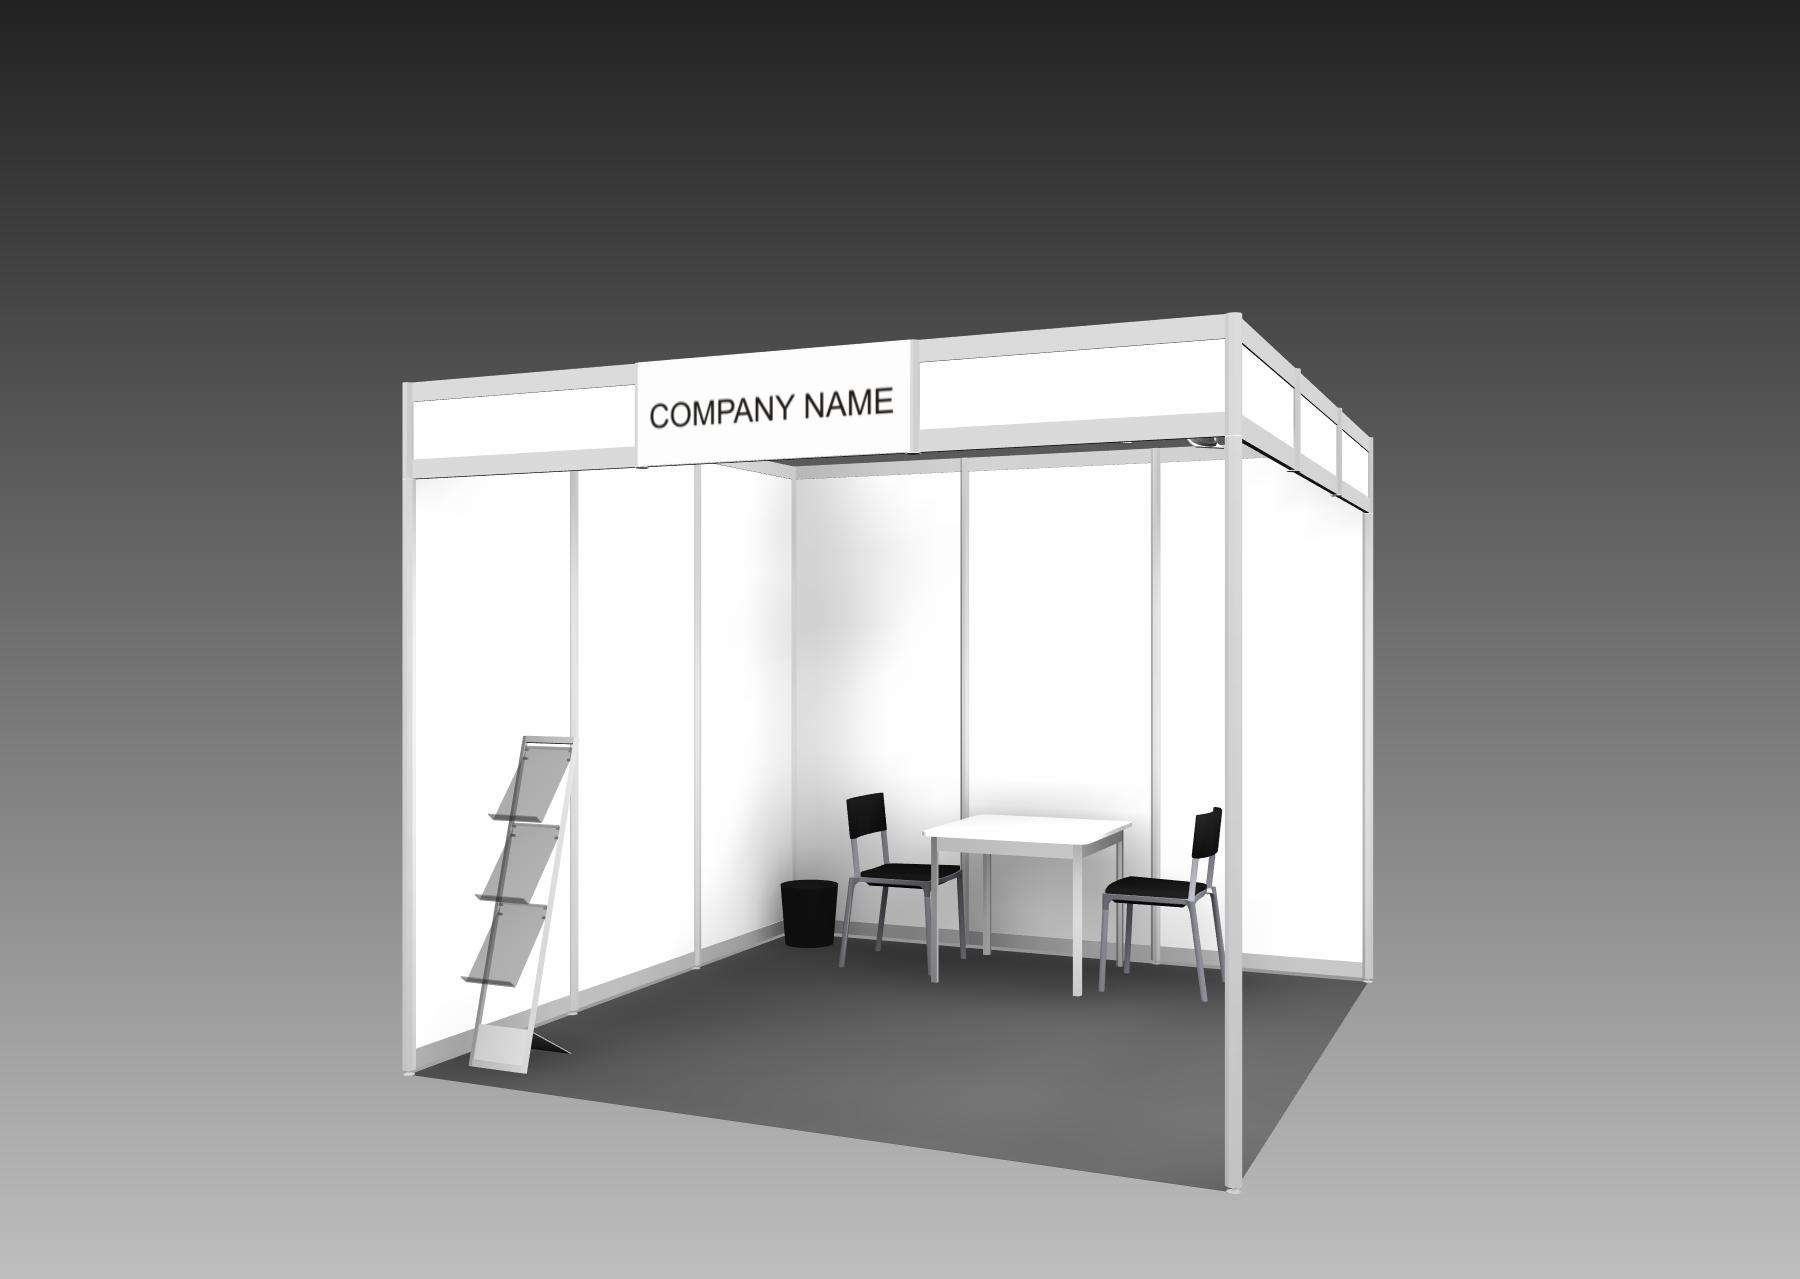 Exhibition Shell Scheme : Exhibition standard shell scheme booth pump summit americas